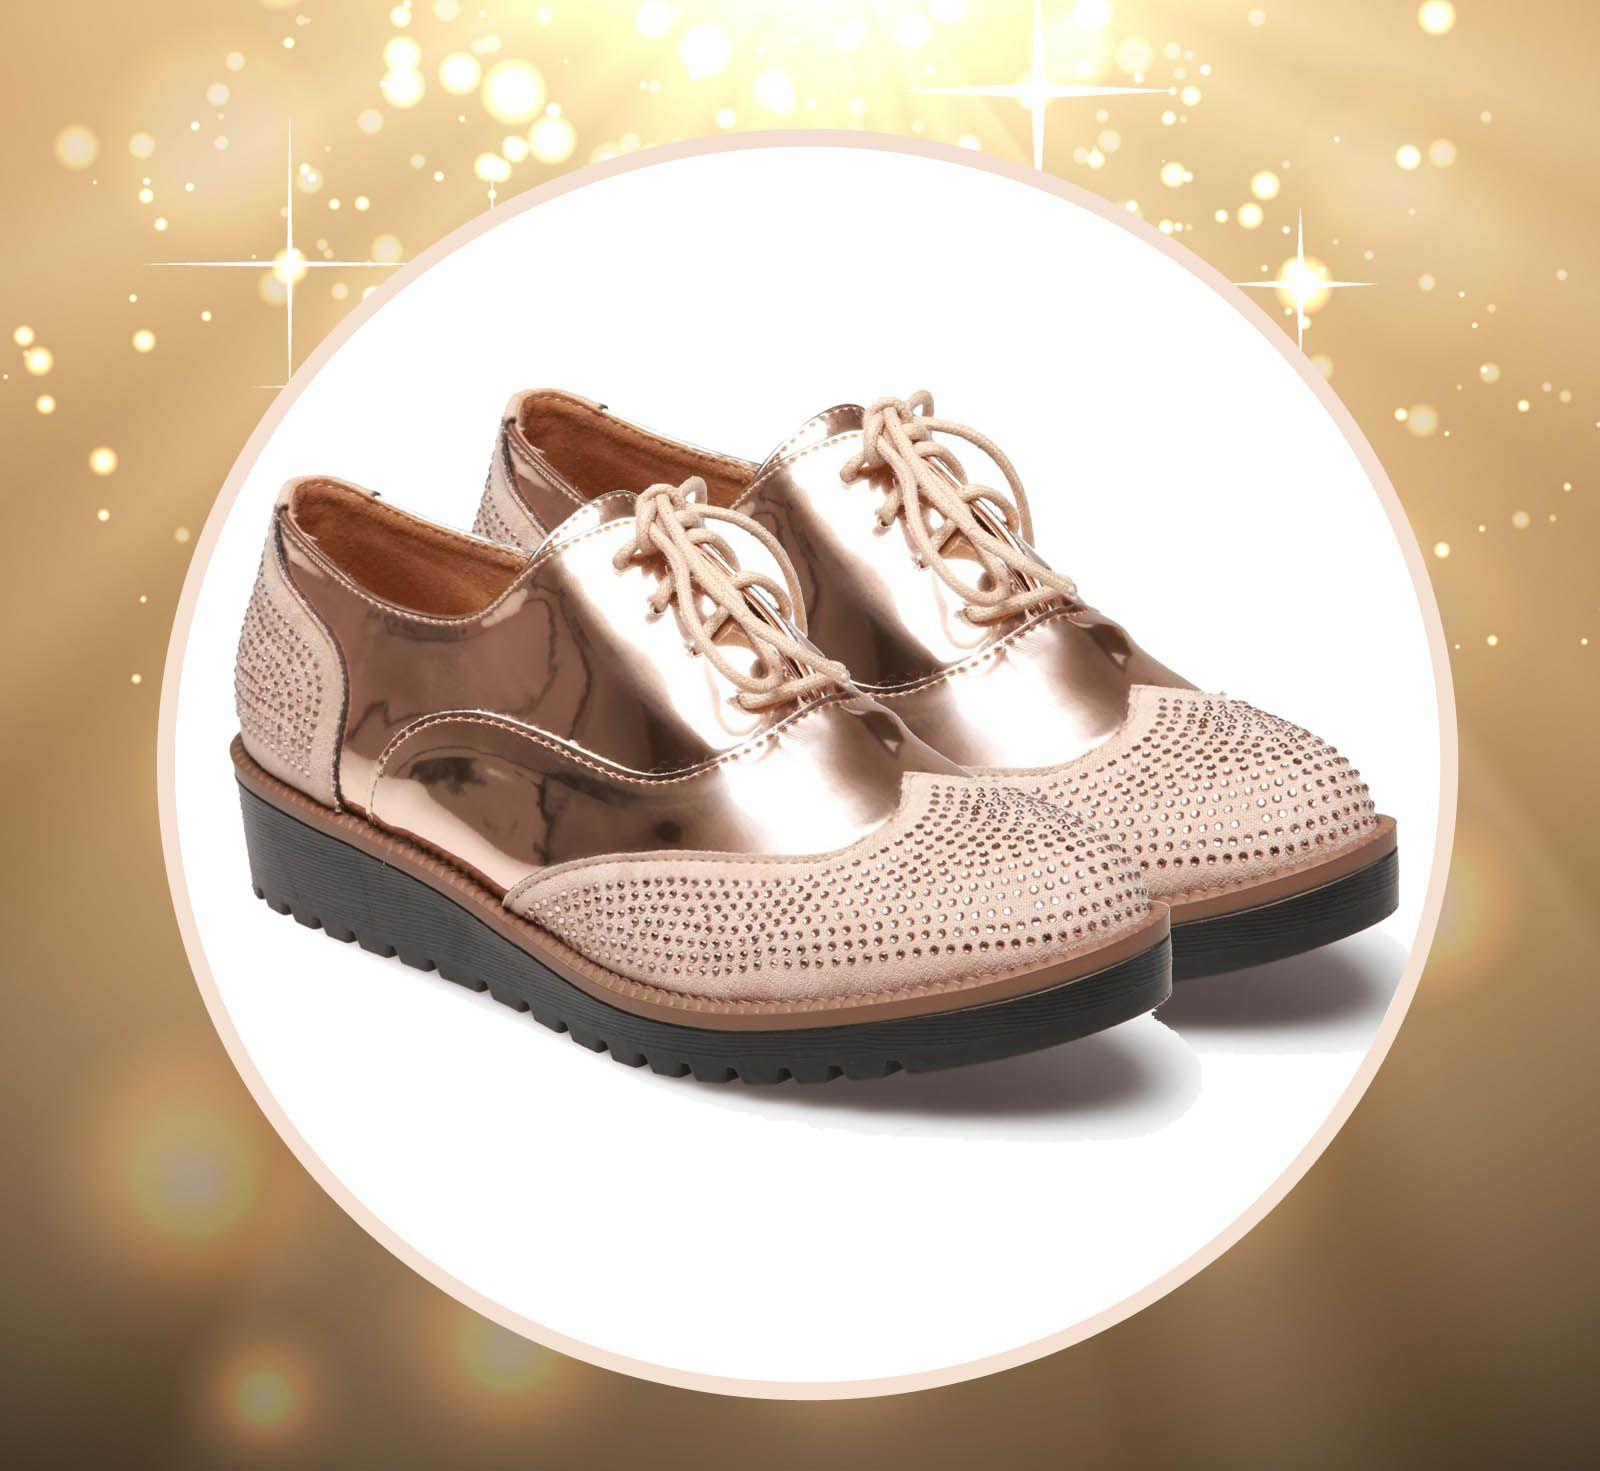 Des chaussures plates même en soirée   C est possible avec ces ... 0e8e2a4bad7f